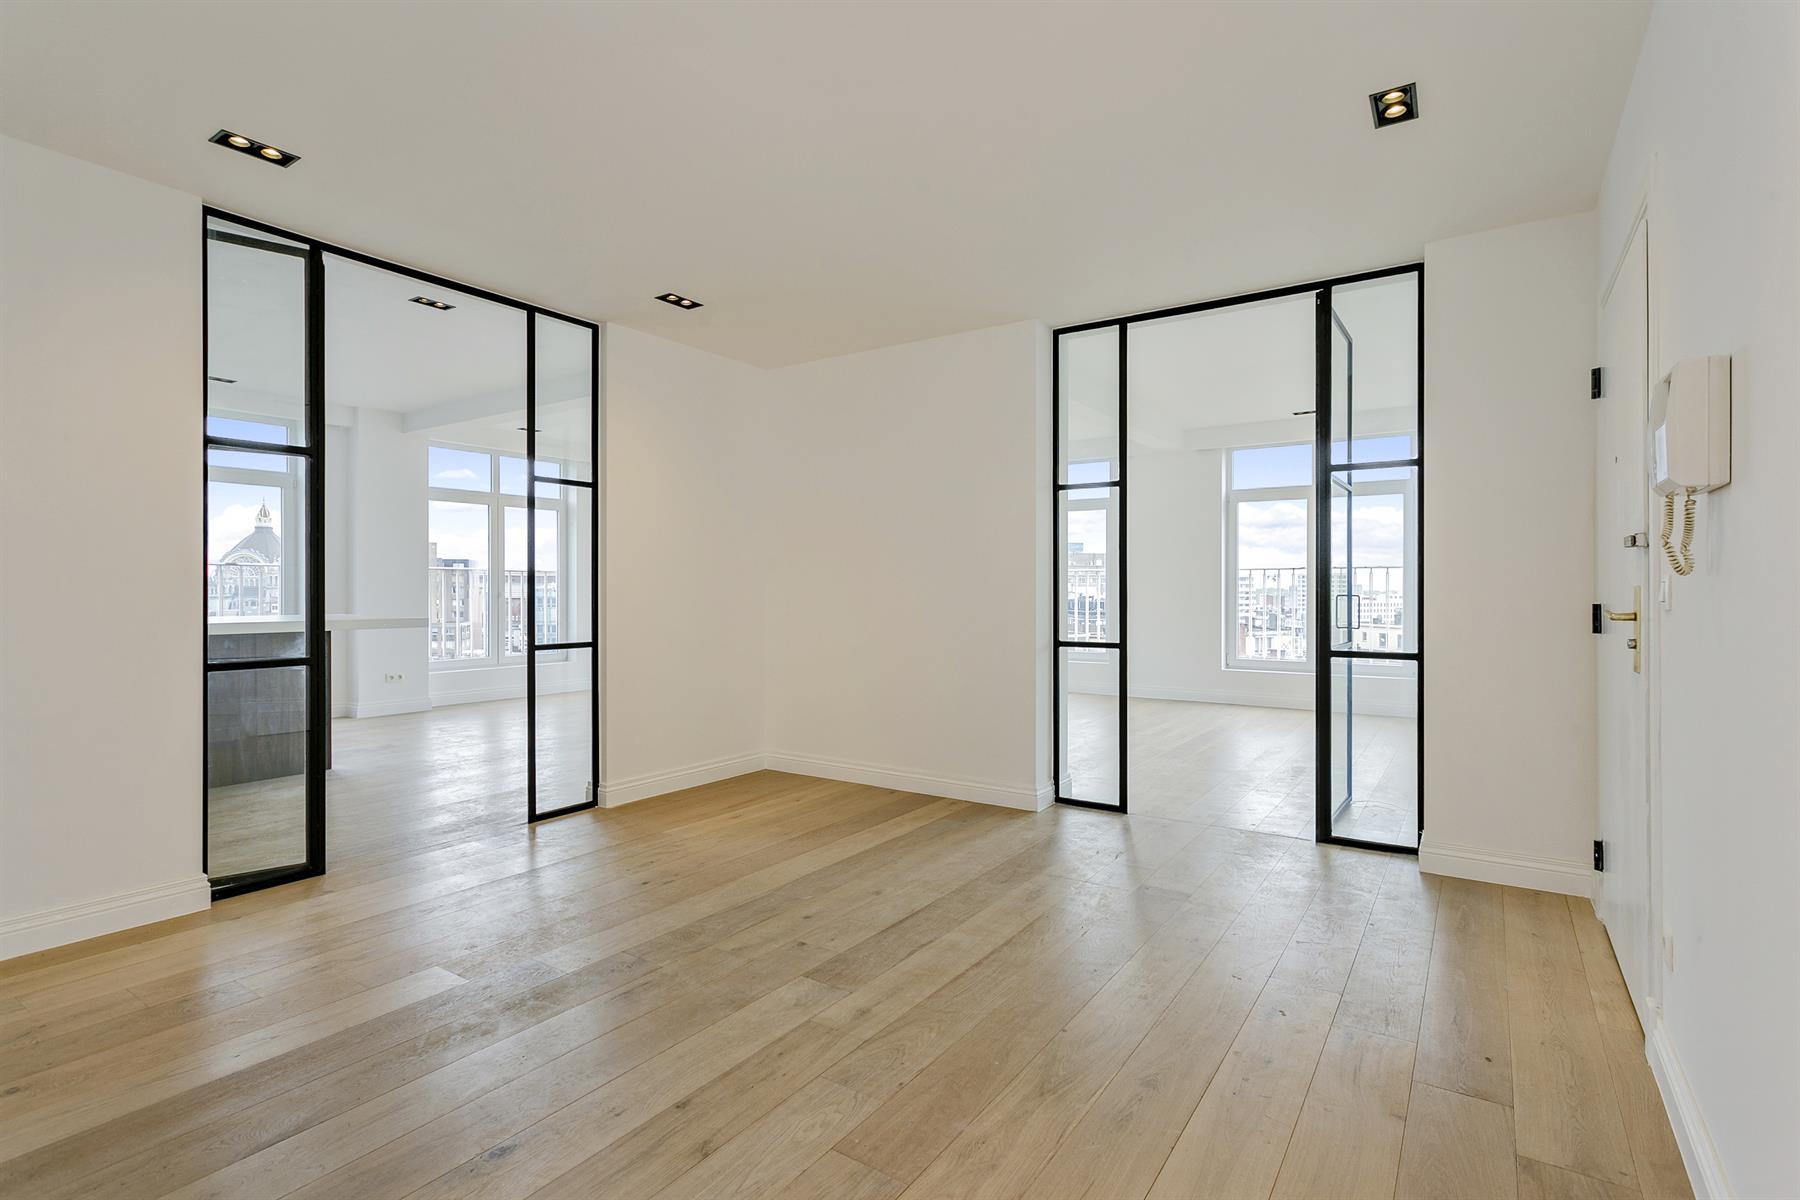 Hoogwaardig gerenoveerd appartement met prachtig uitzicht.